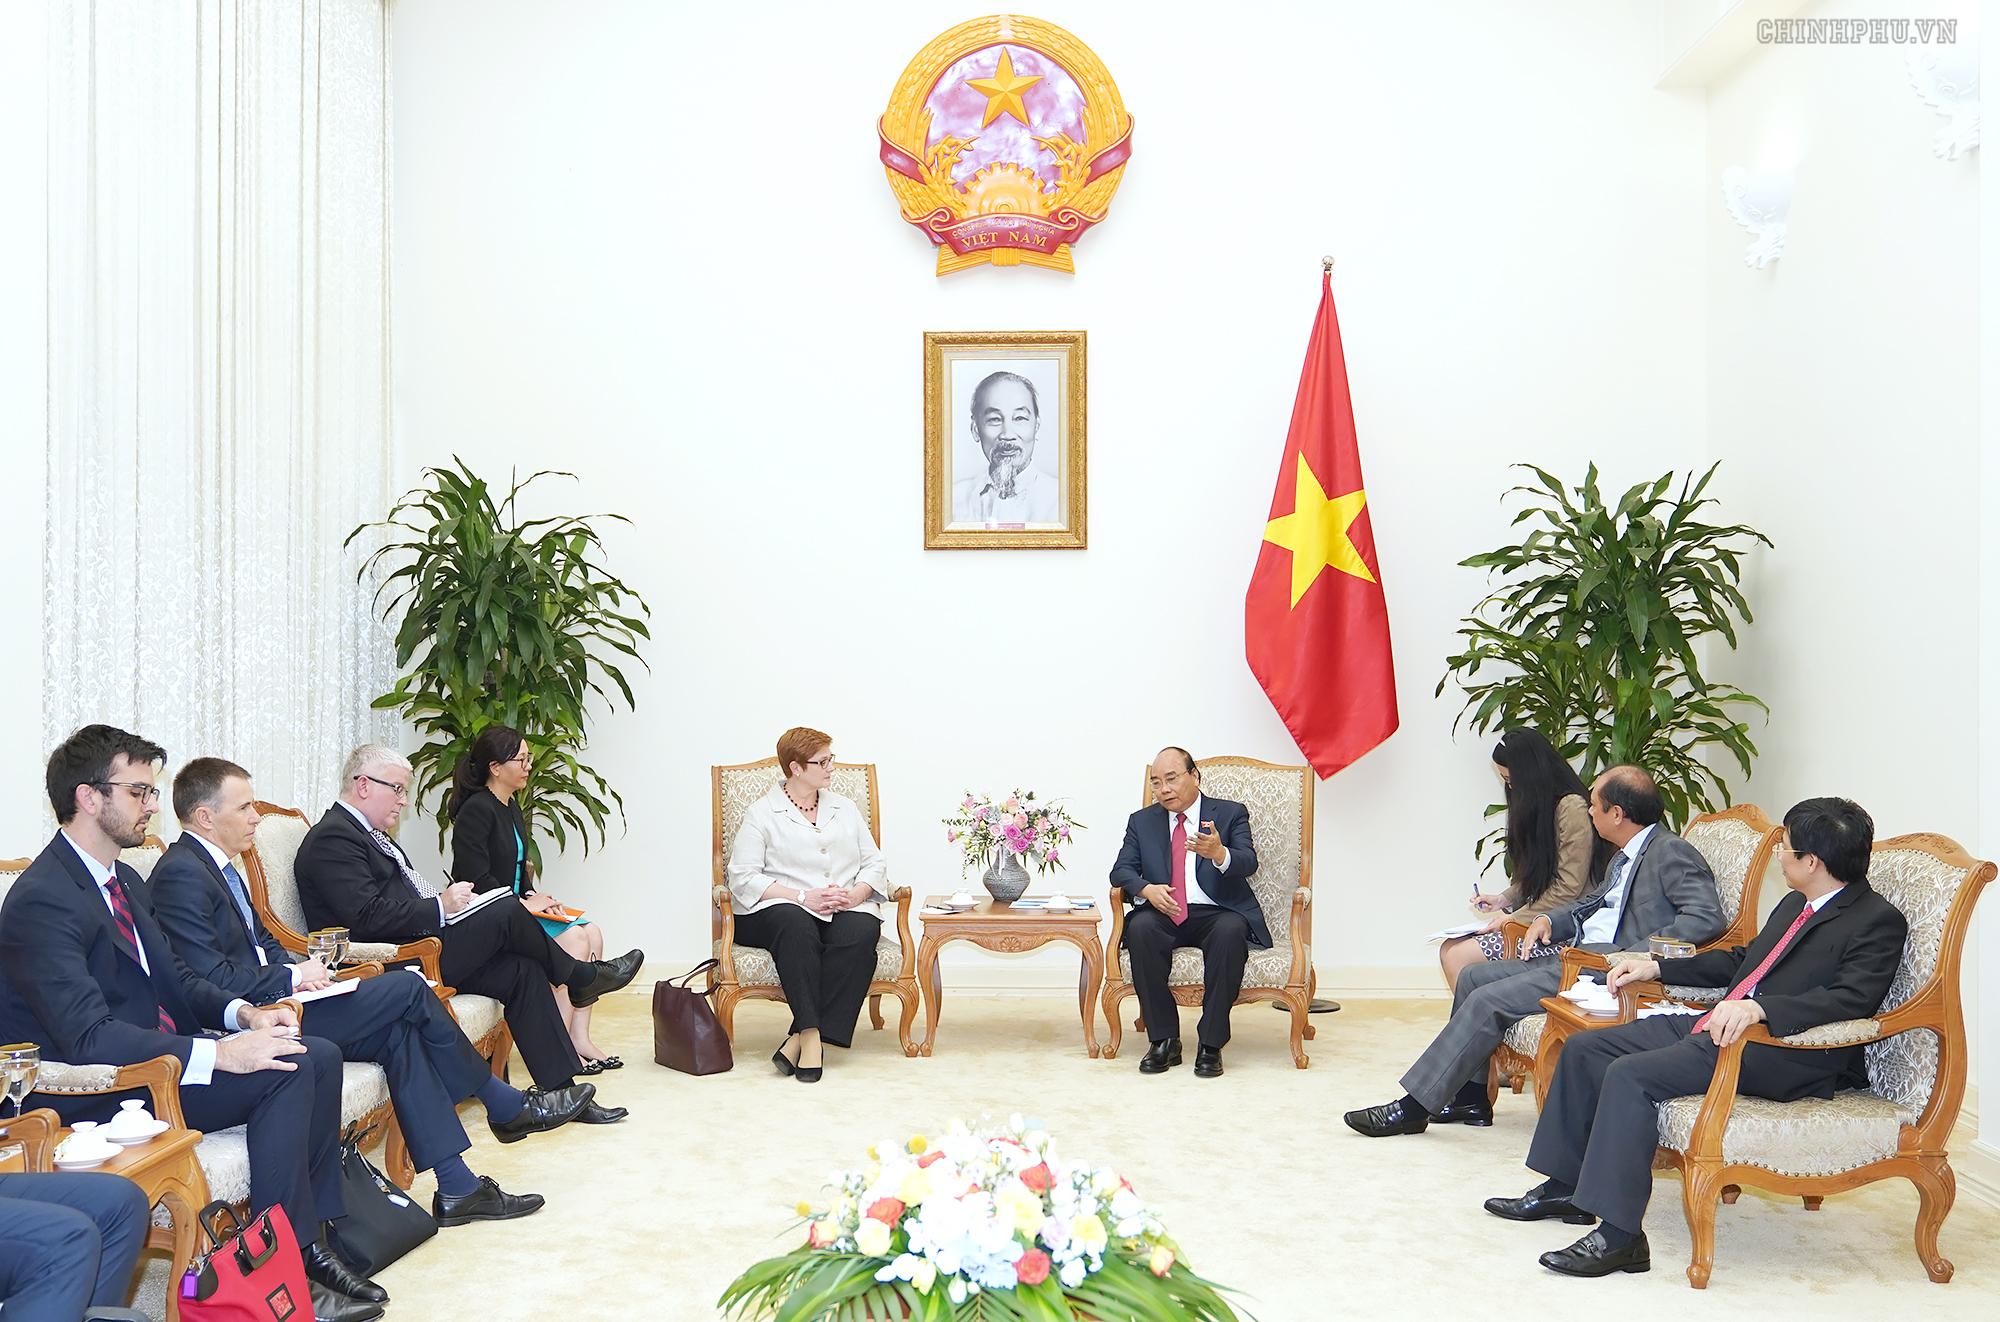 Phát huy hiệu quả các cơ chế hợp tác song phương Việt Nam - Australia